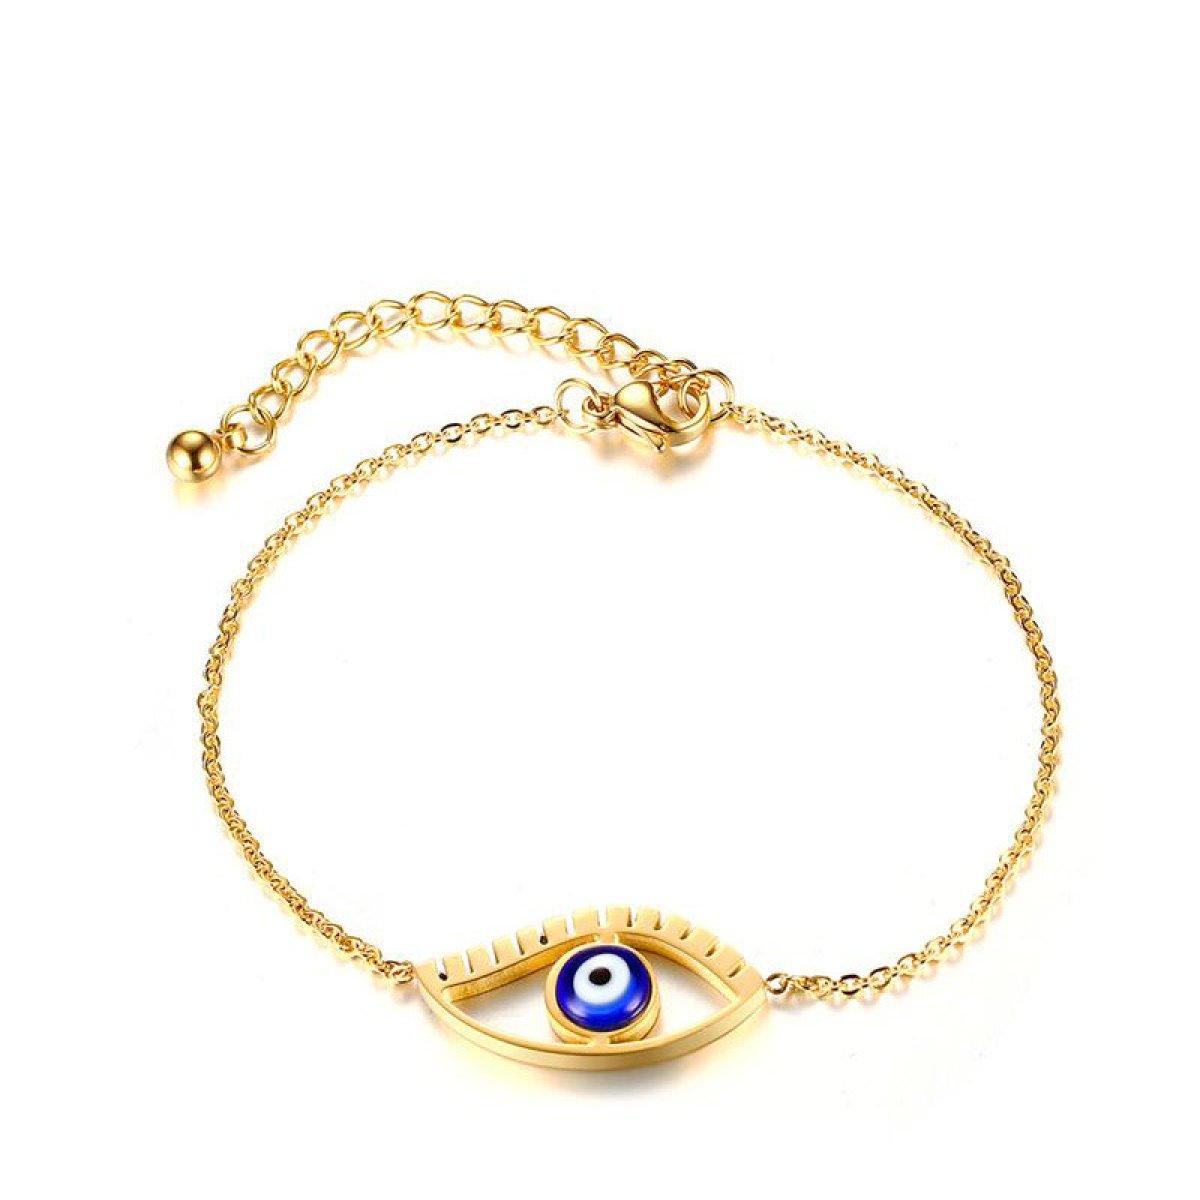 WenL Blu Horus Eye Braccialetto Registrabile Per Le Donne Lunghezza 18 Centimetri